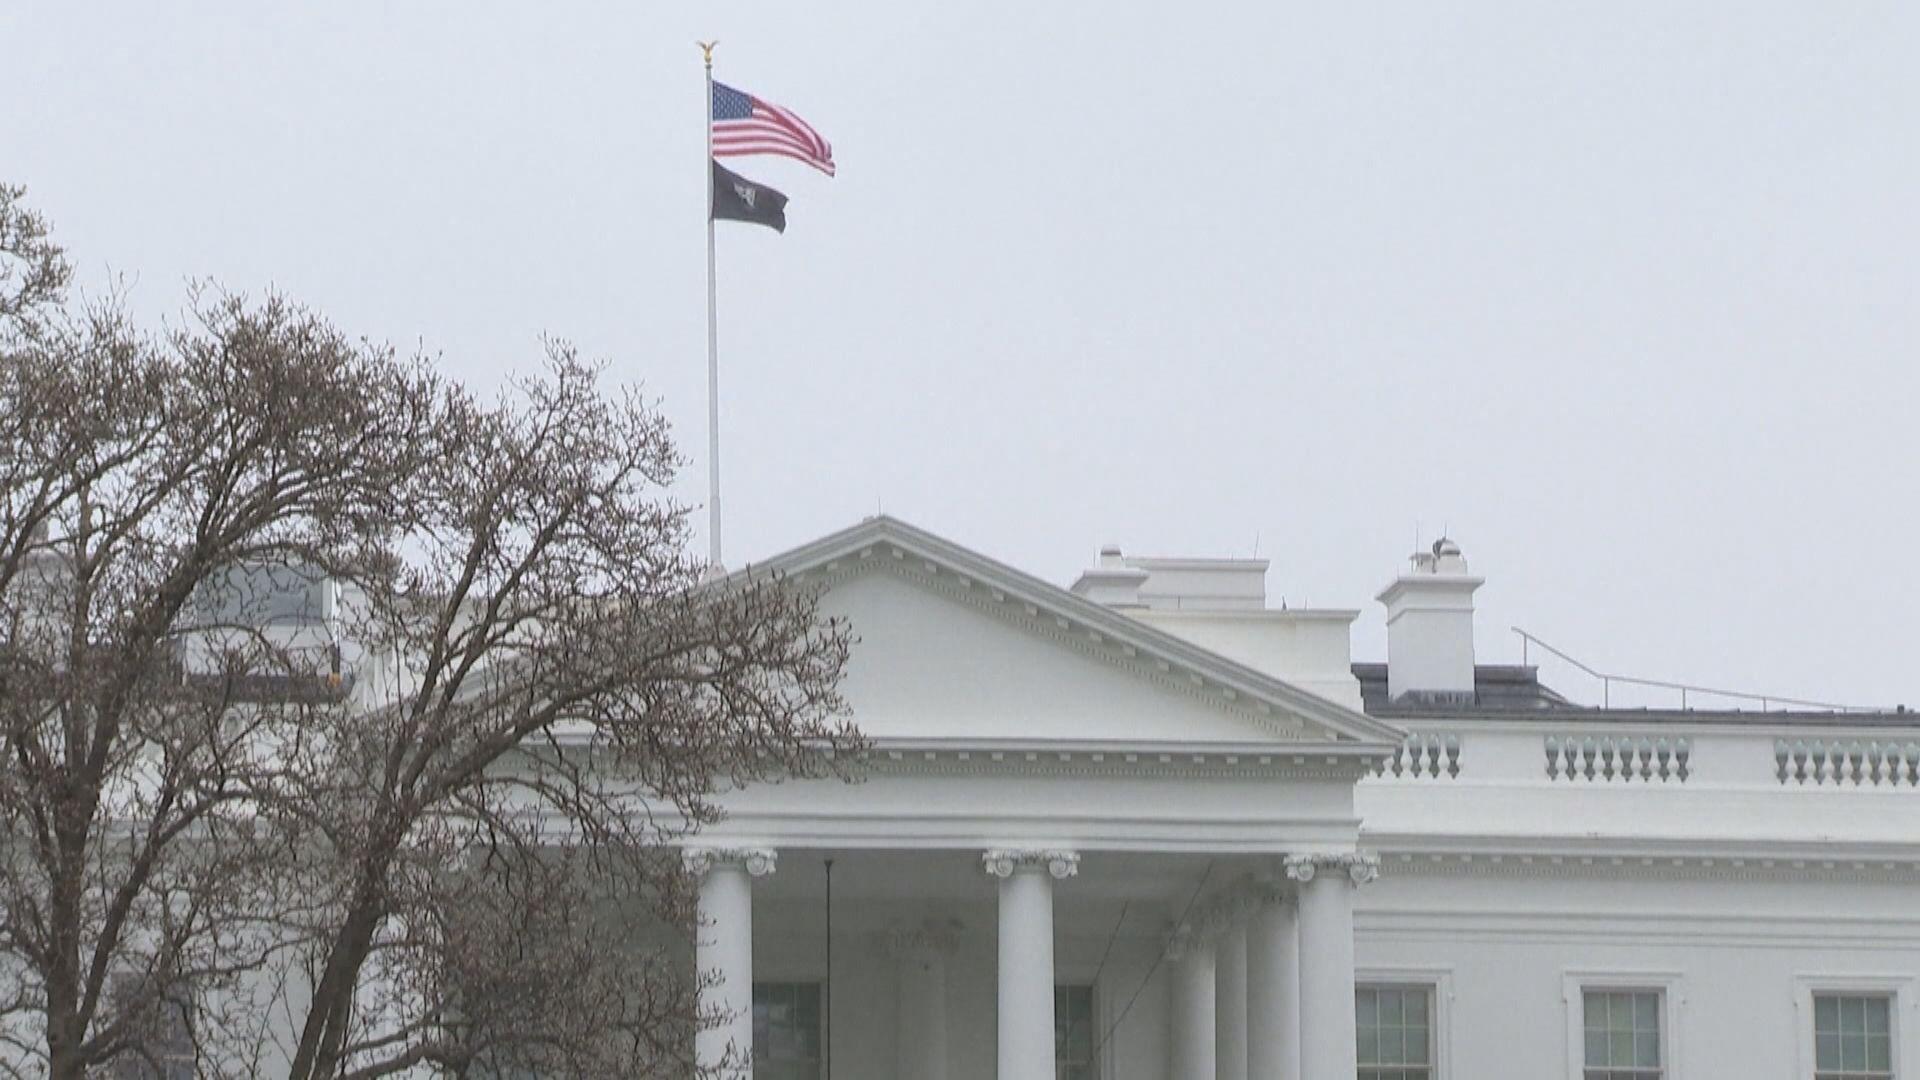 報道指美國將宣布制裁七名中聯辦官員